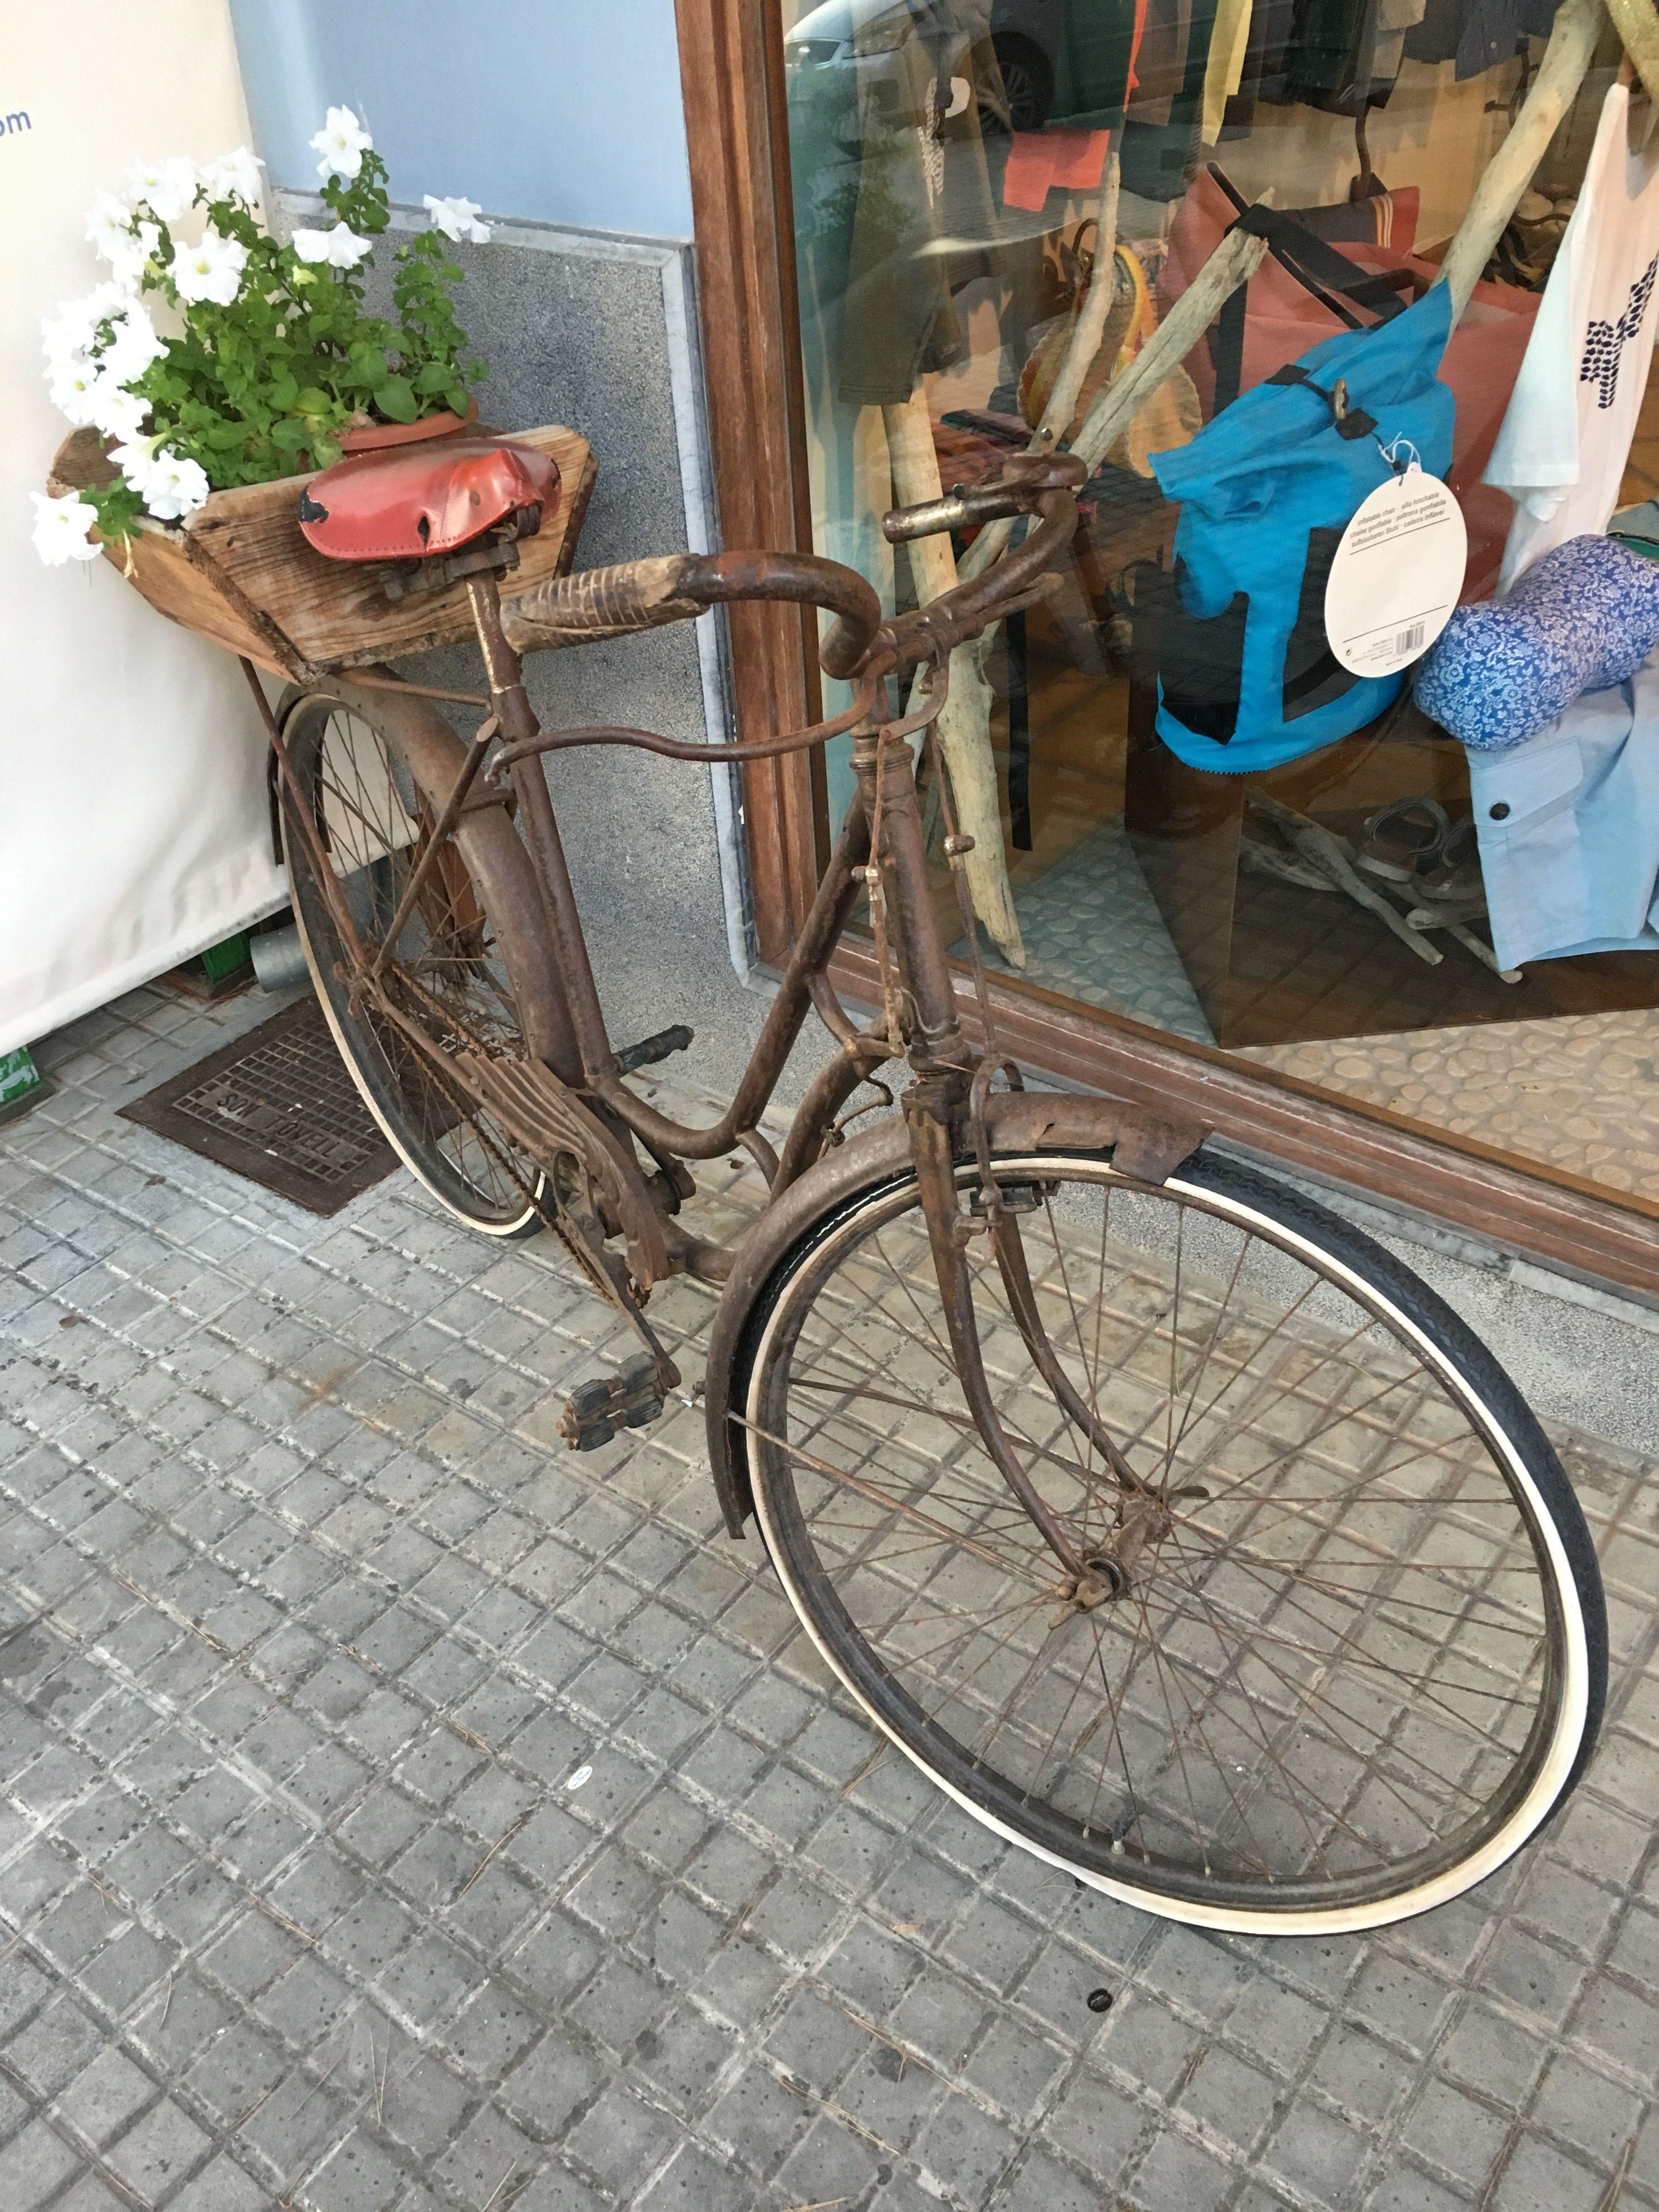 Ungewöhnlich Njs Fahrradrahmen Zeitgenössisch - Bilderrahmen Ideen ...